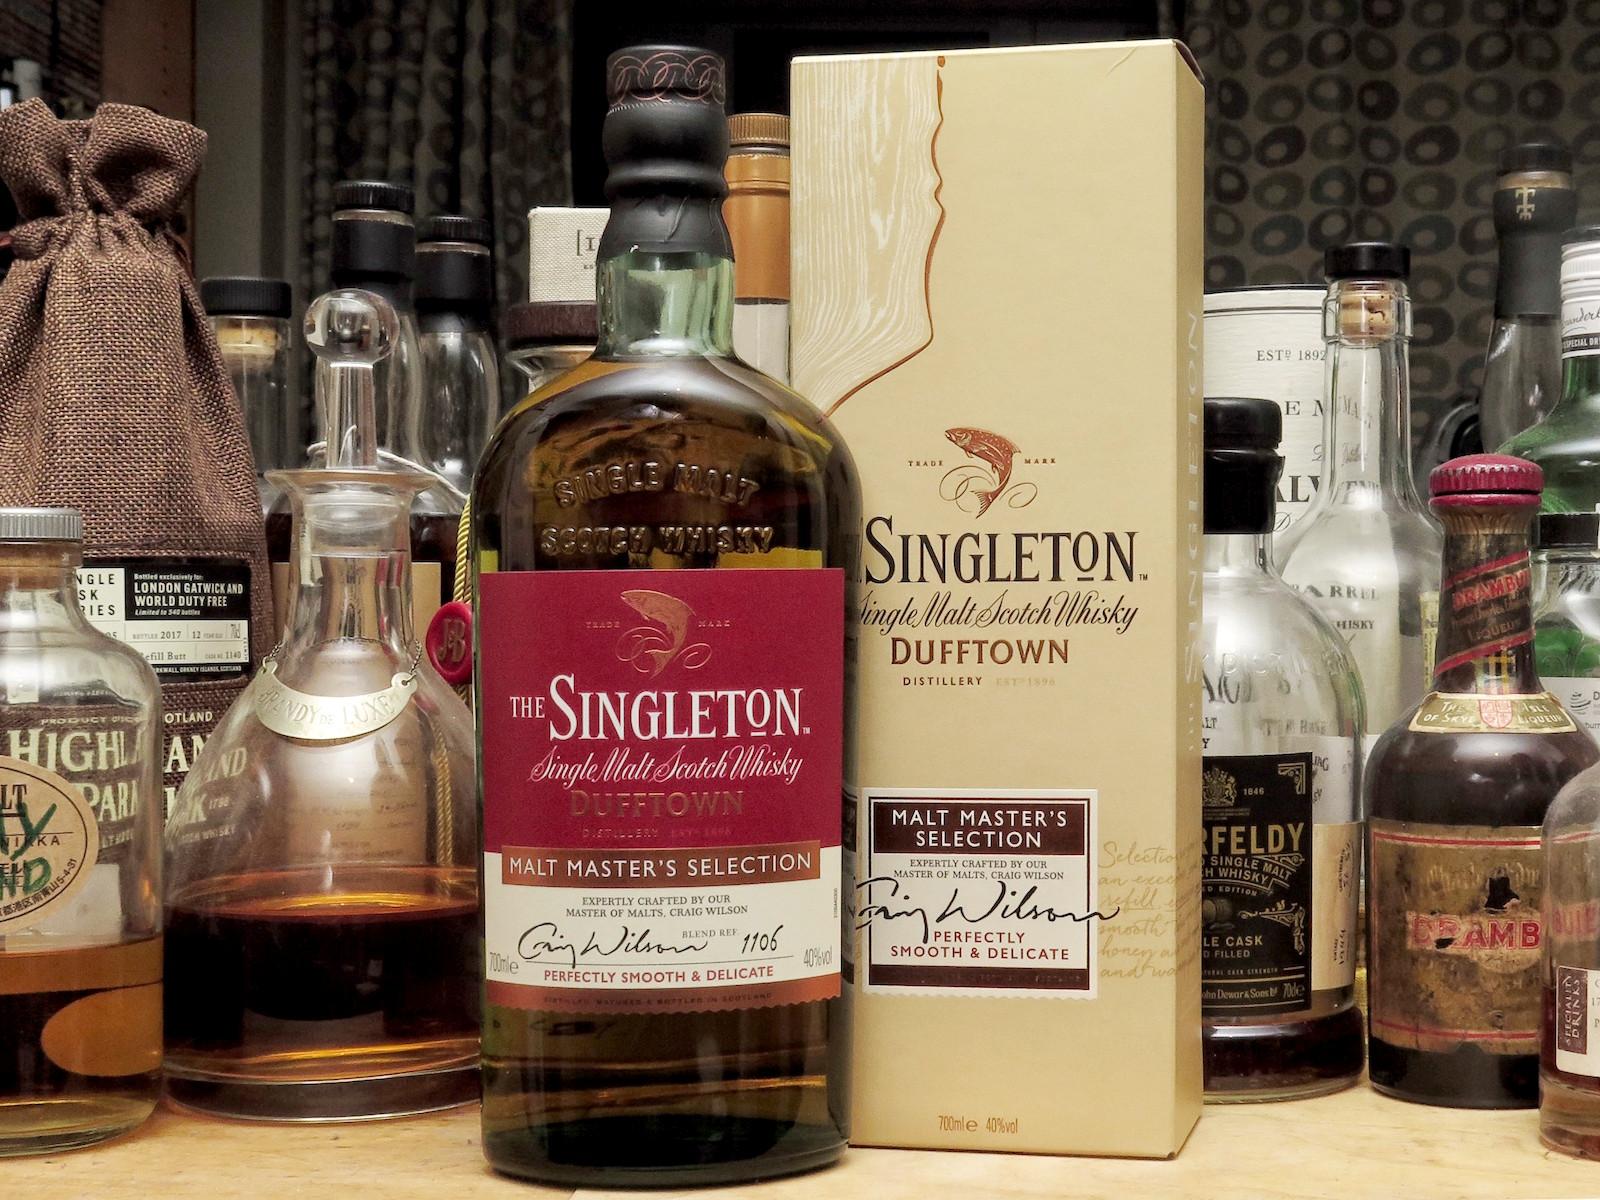 Singleton Dufftown Malt Master's Selection